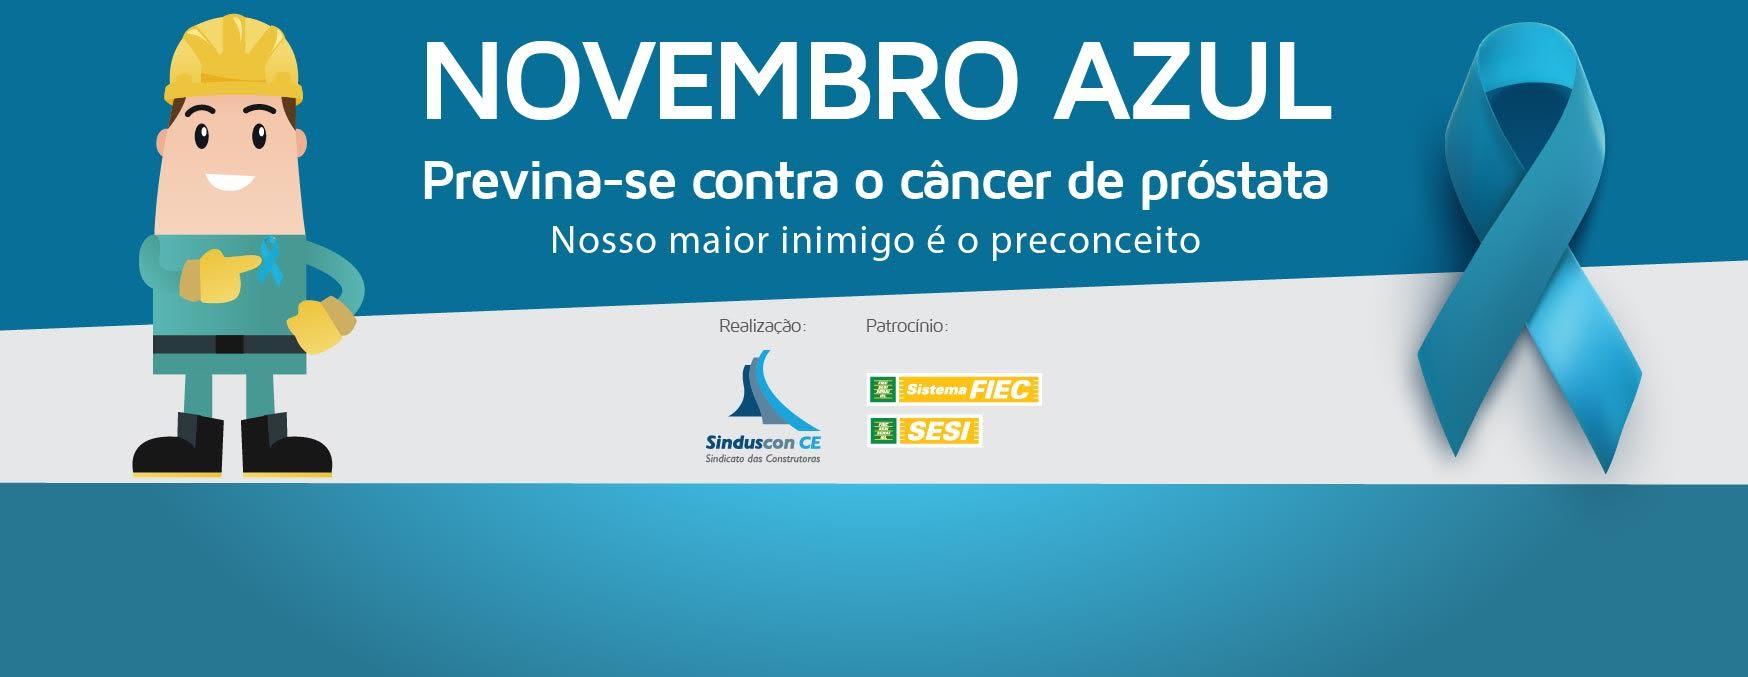 """Sinduscon-CE adere à campanha """"Novembro Azul""""     NordesteVIP   79cdf61be9"""